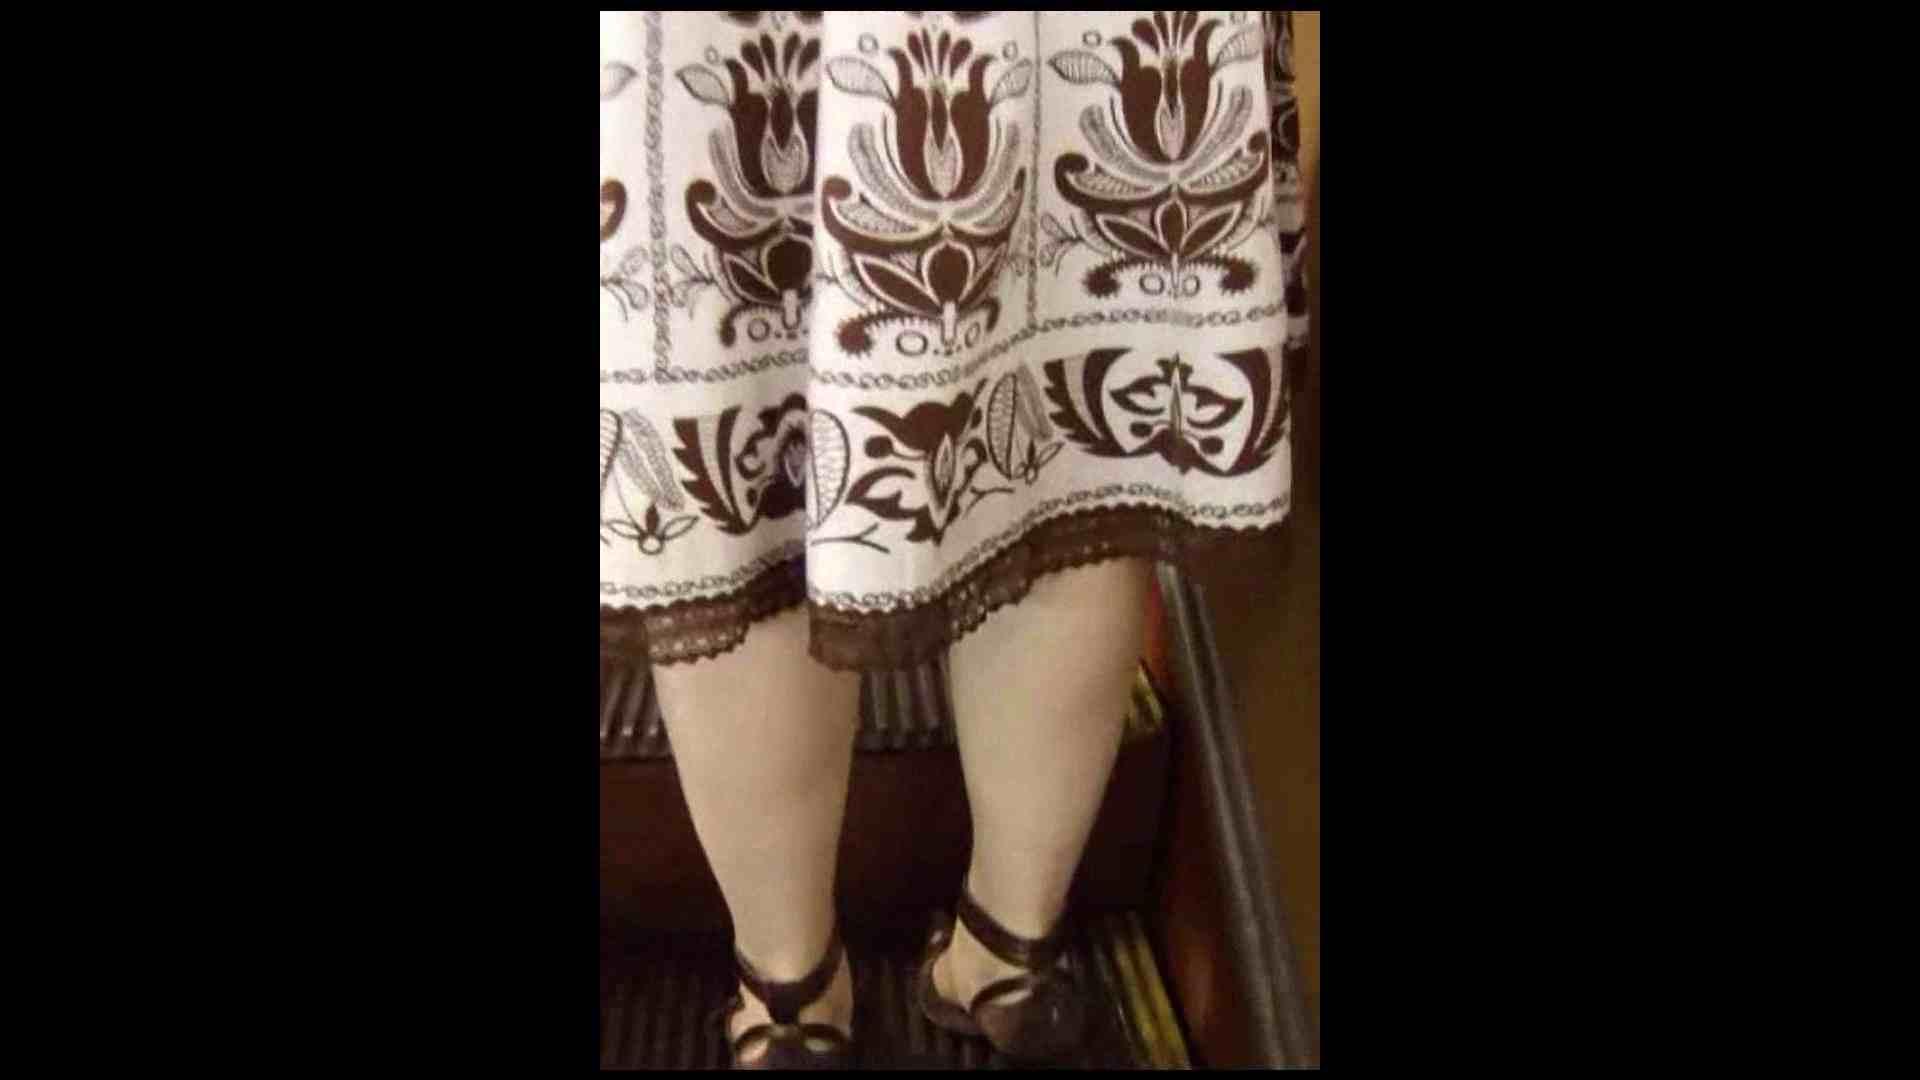 綺麗なモデルさんのスカート捲っちゃおう‼vol02 OLすけべ画像   モデル  82連発 73